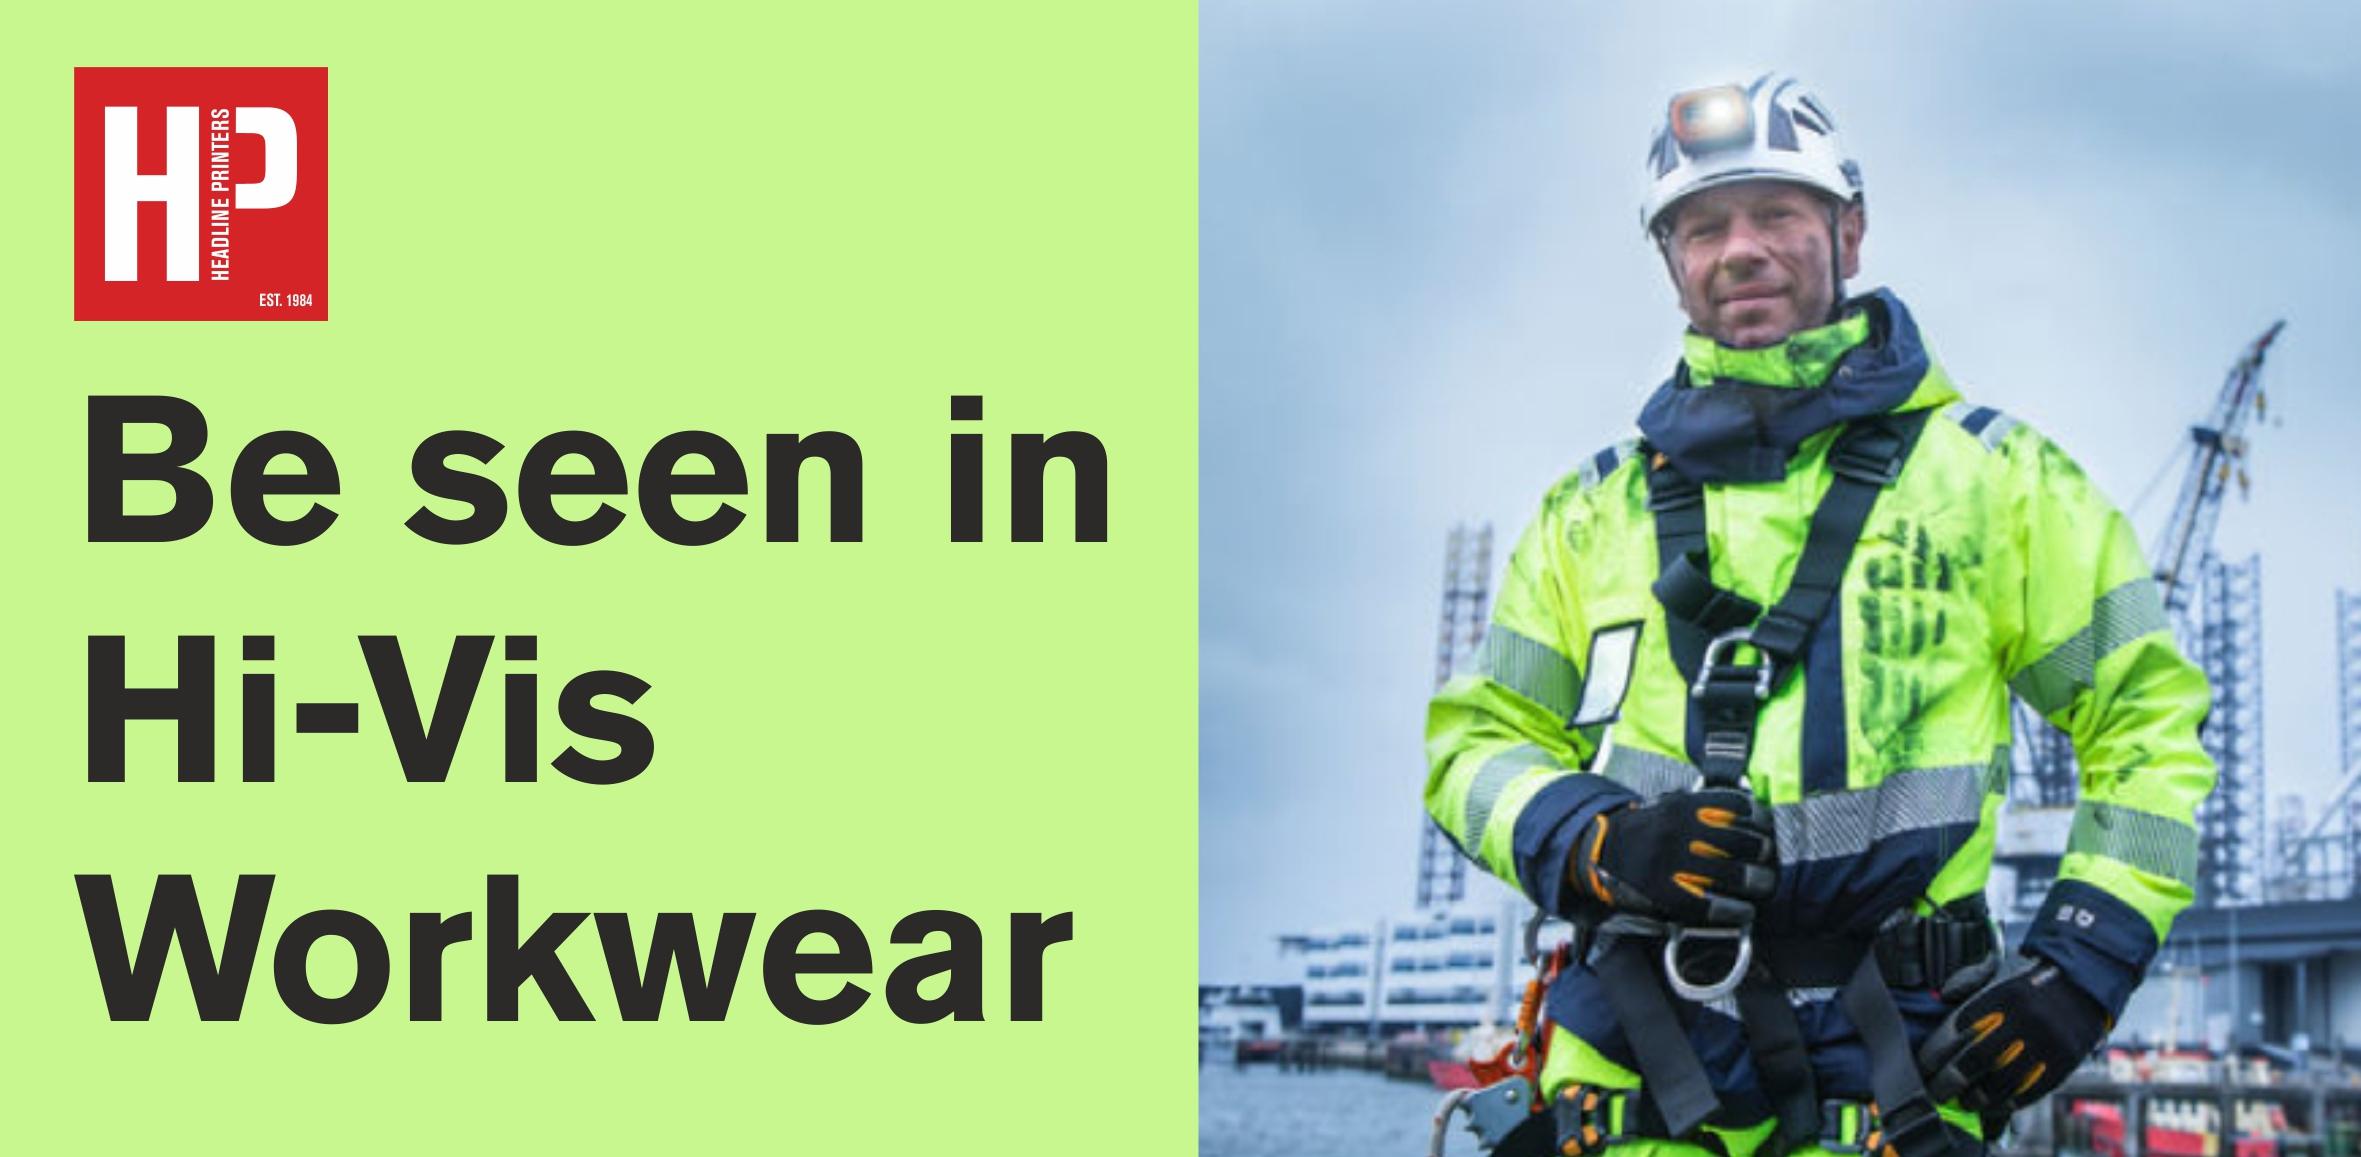 Be seen in Hi-Vis Workwear